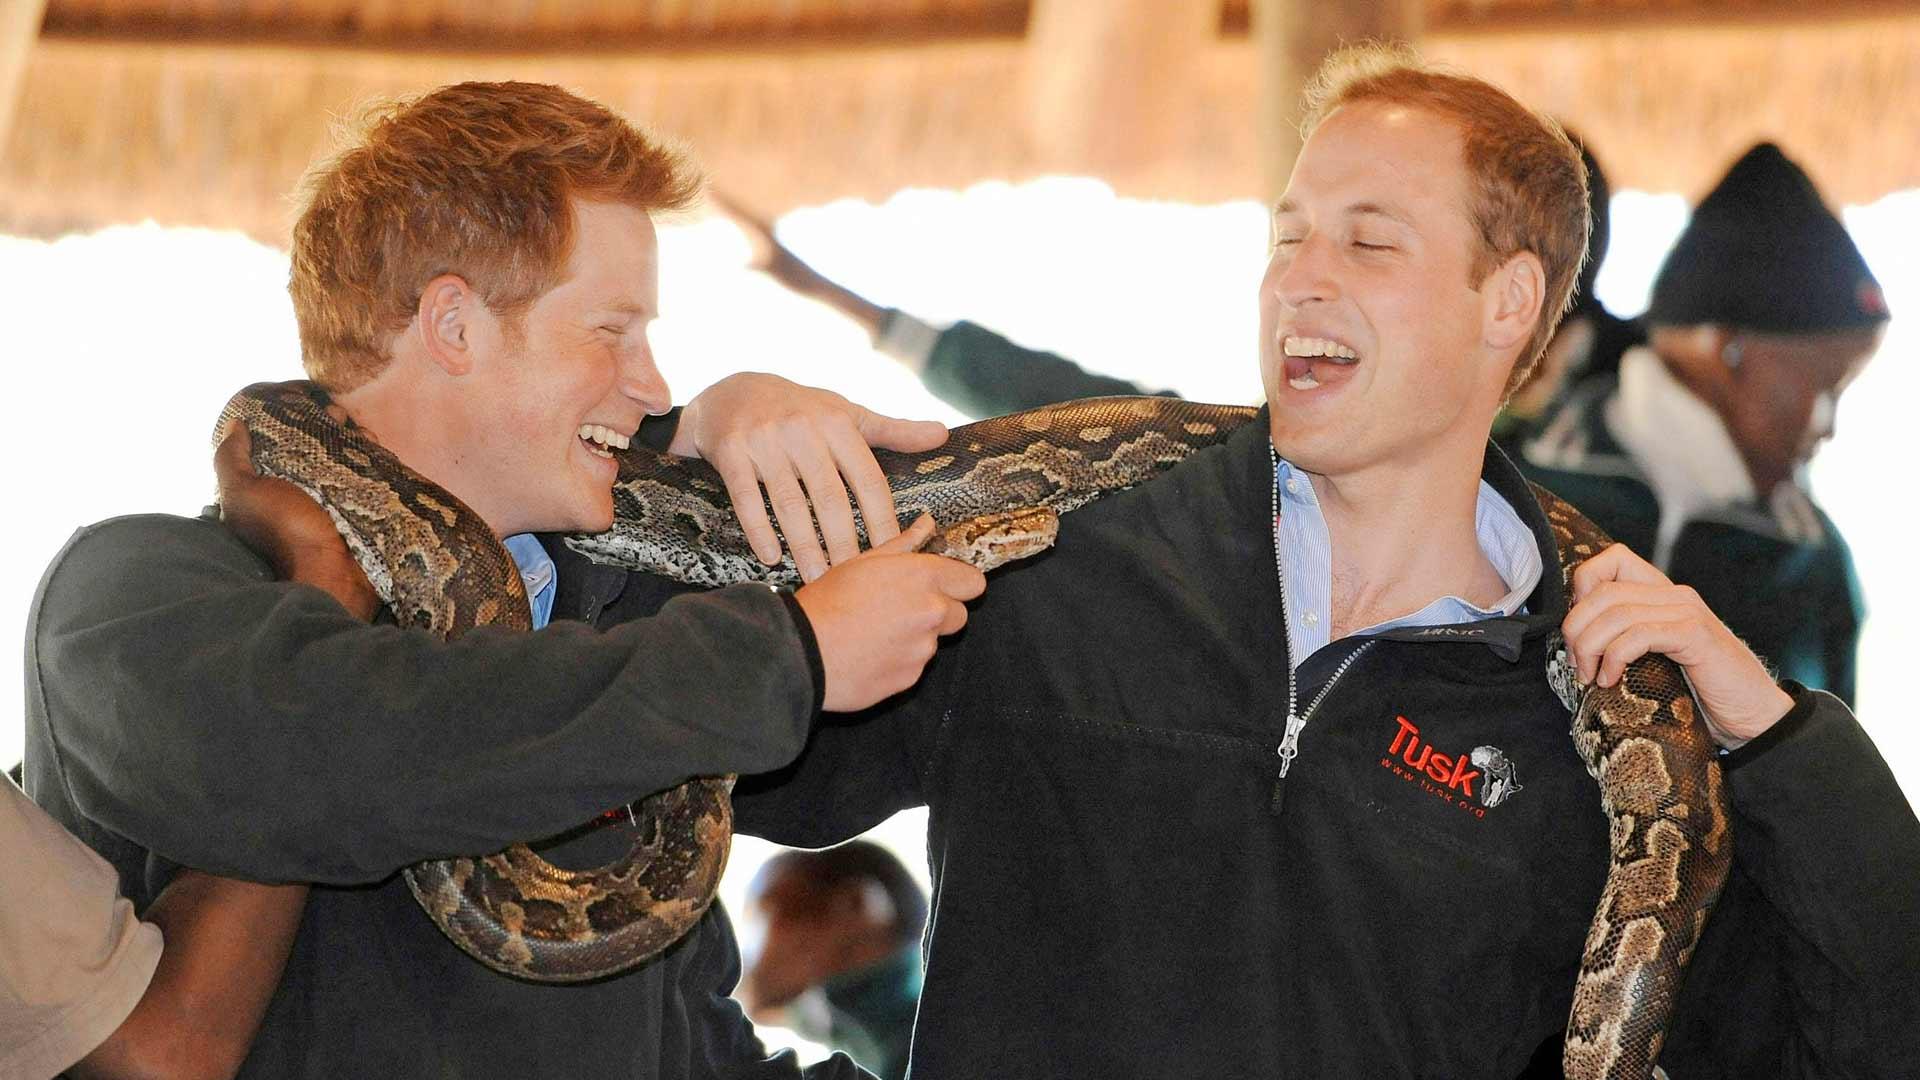 Harry ja Wiliam vierailivat kesäkuussa 2010 Botswanassa. Jos heidän välillään oli tuolloin ongelmia, ne peittyivät iloiseen nauruun.